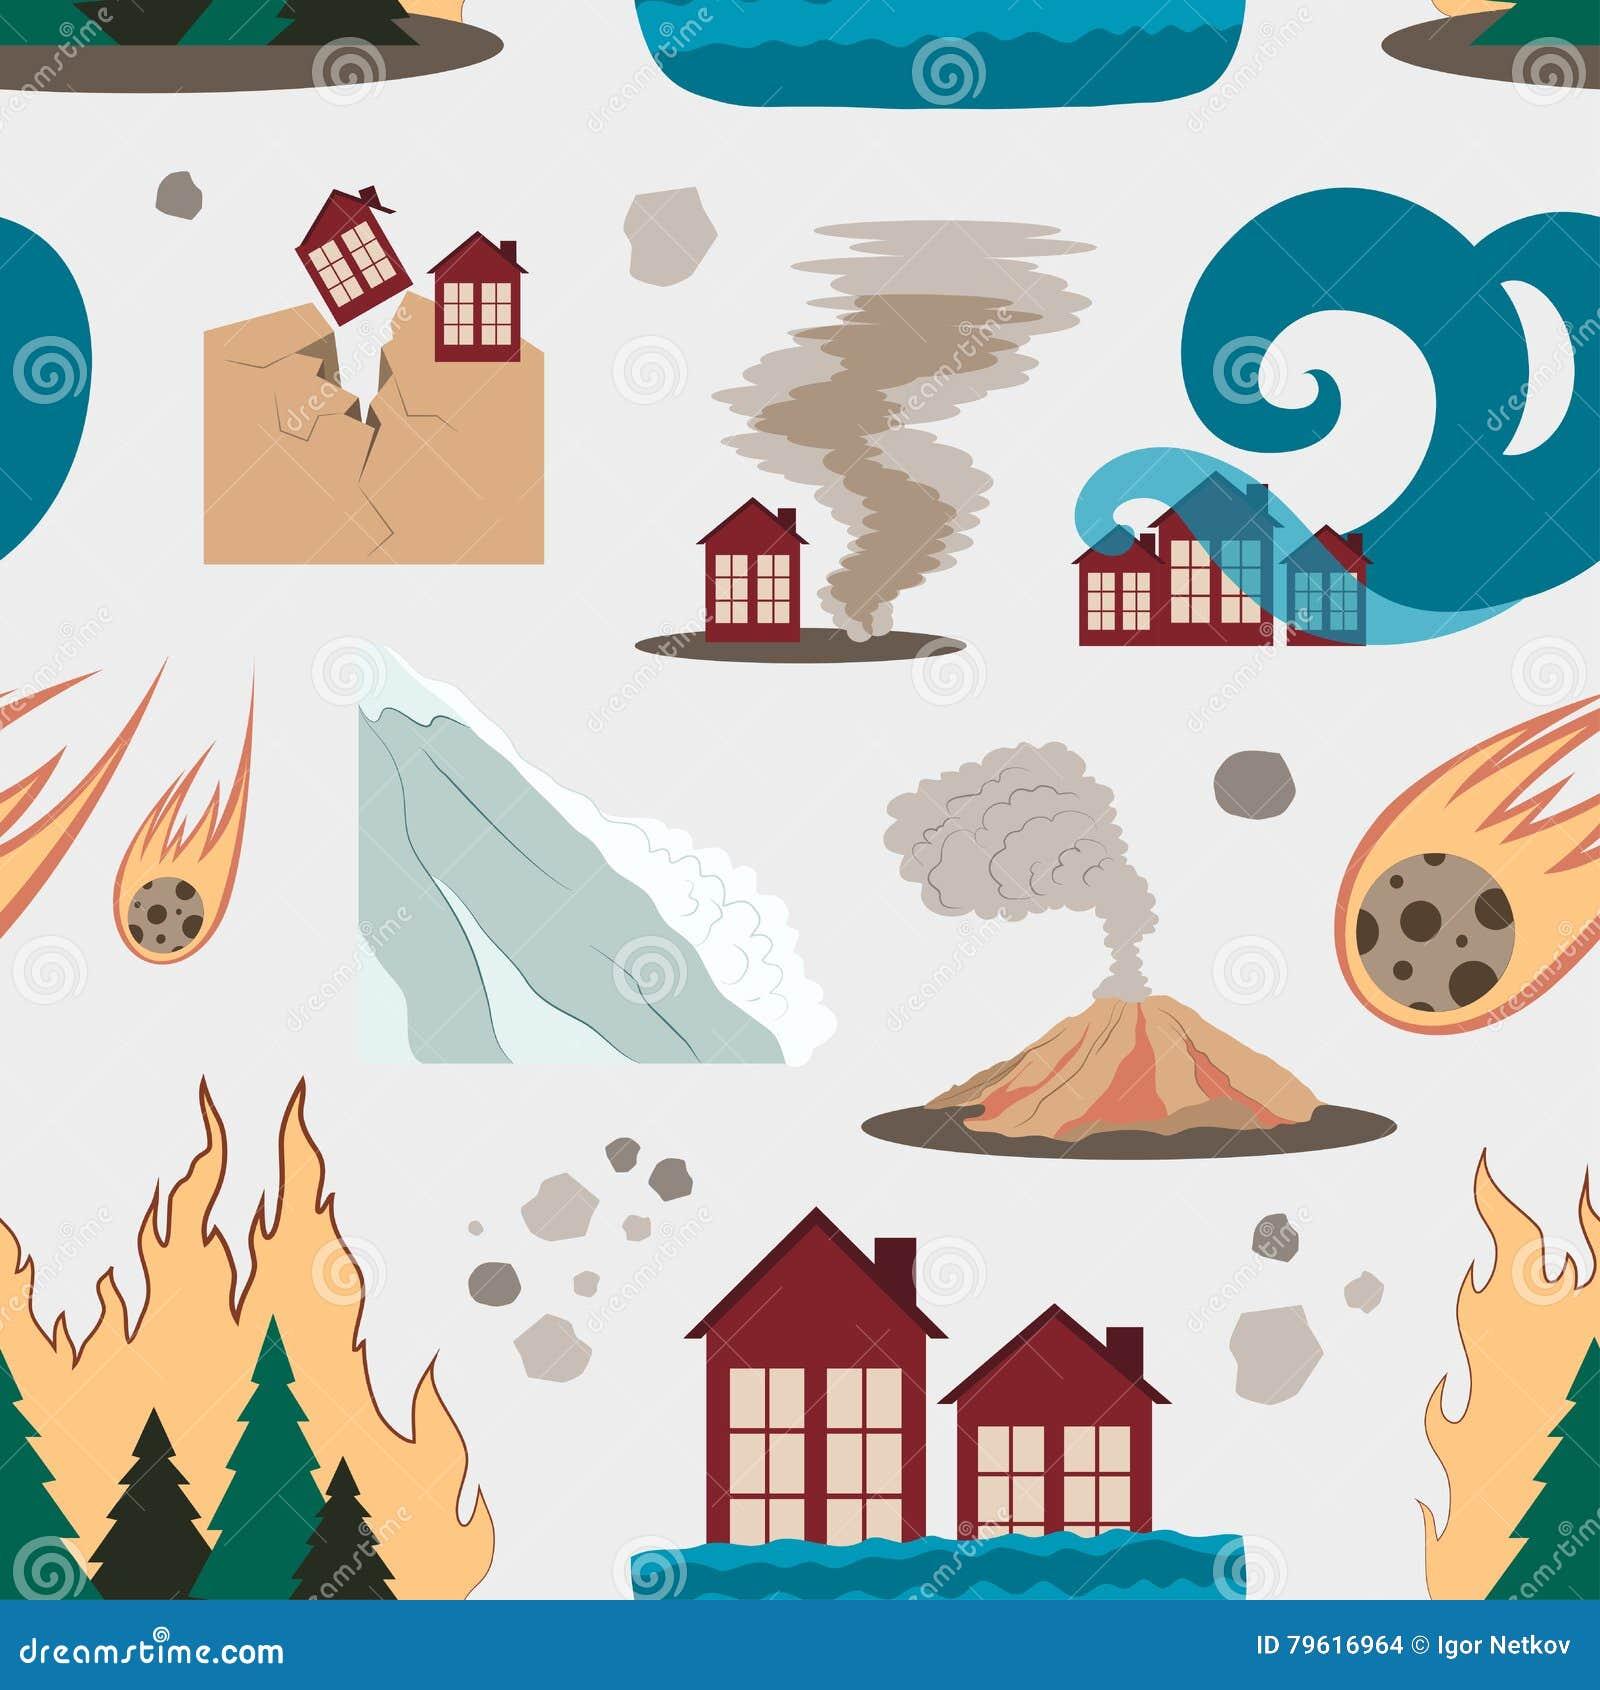 Natural disaster icon set pattern